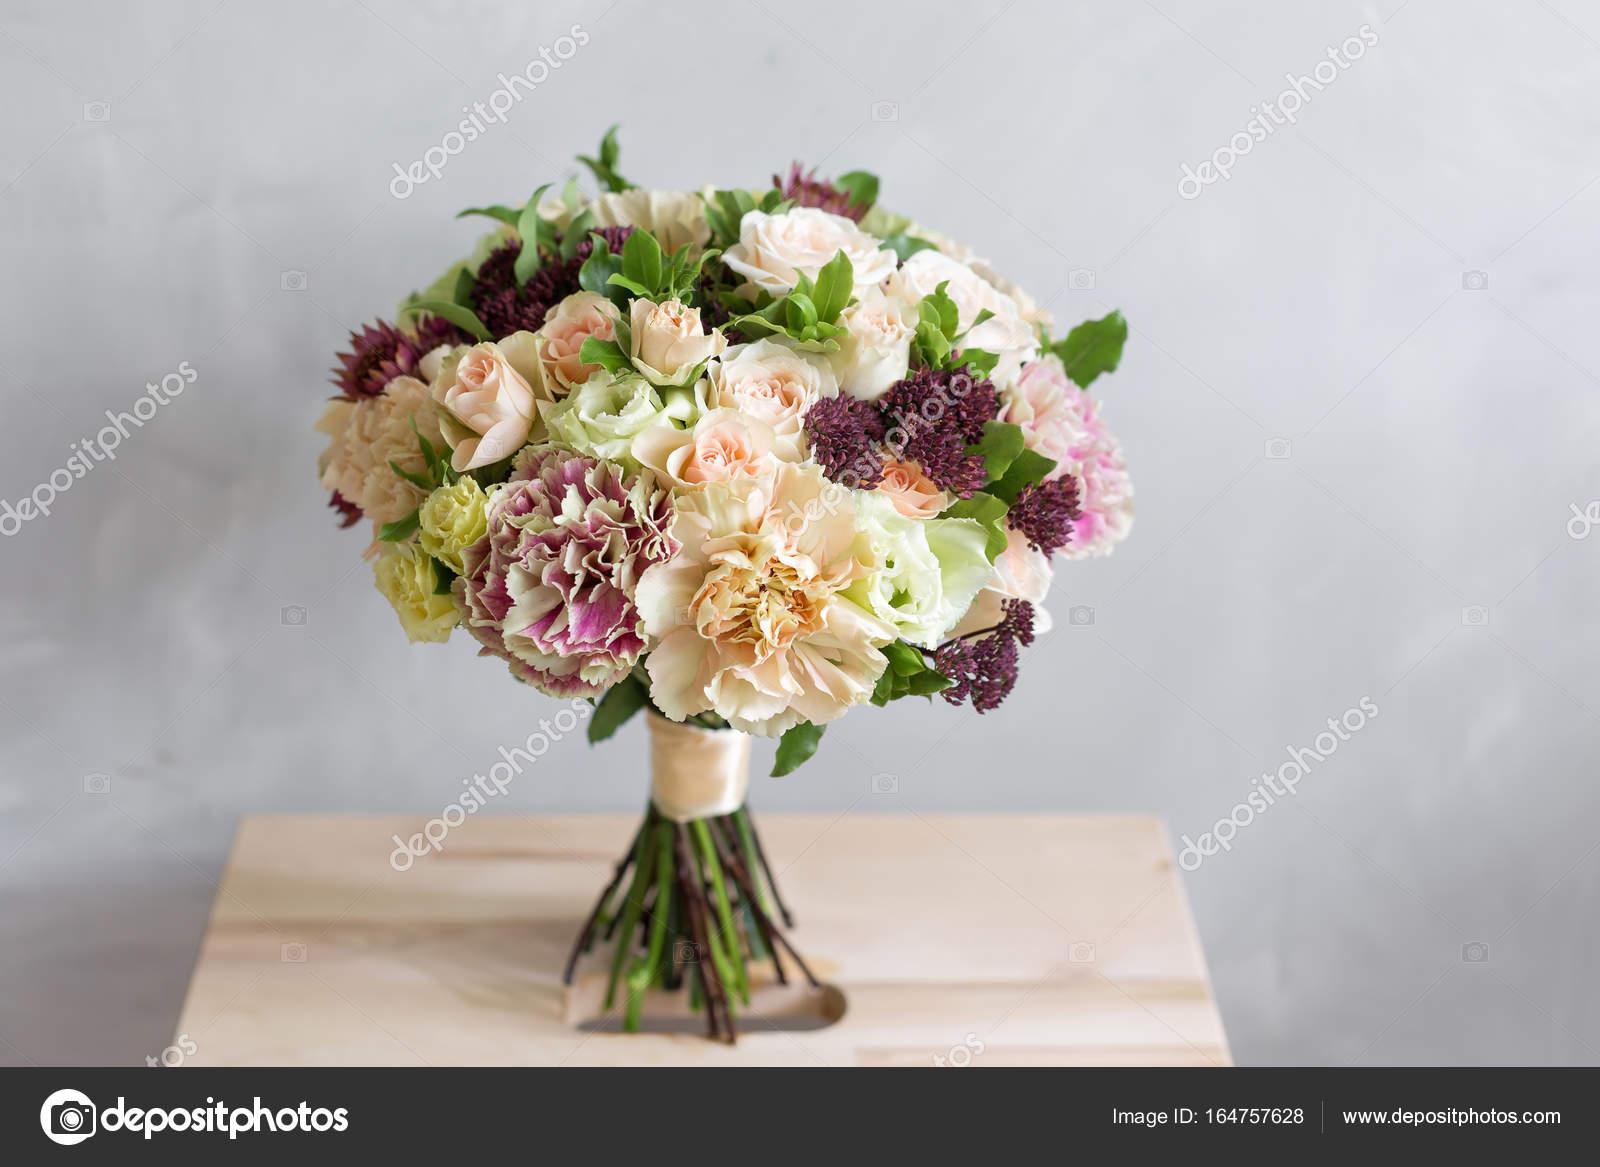 The brides bouquet a simple bouquet of flowers and greens stock the brides bouquet a simple bouquet of flowers and greens stock photo izmirmasajfo